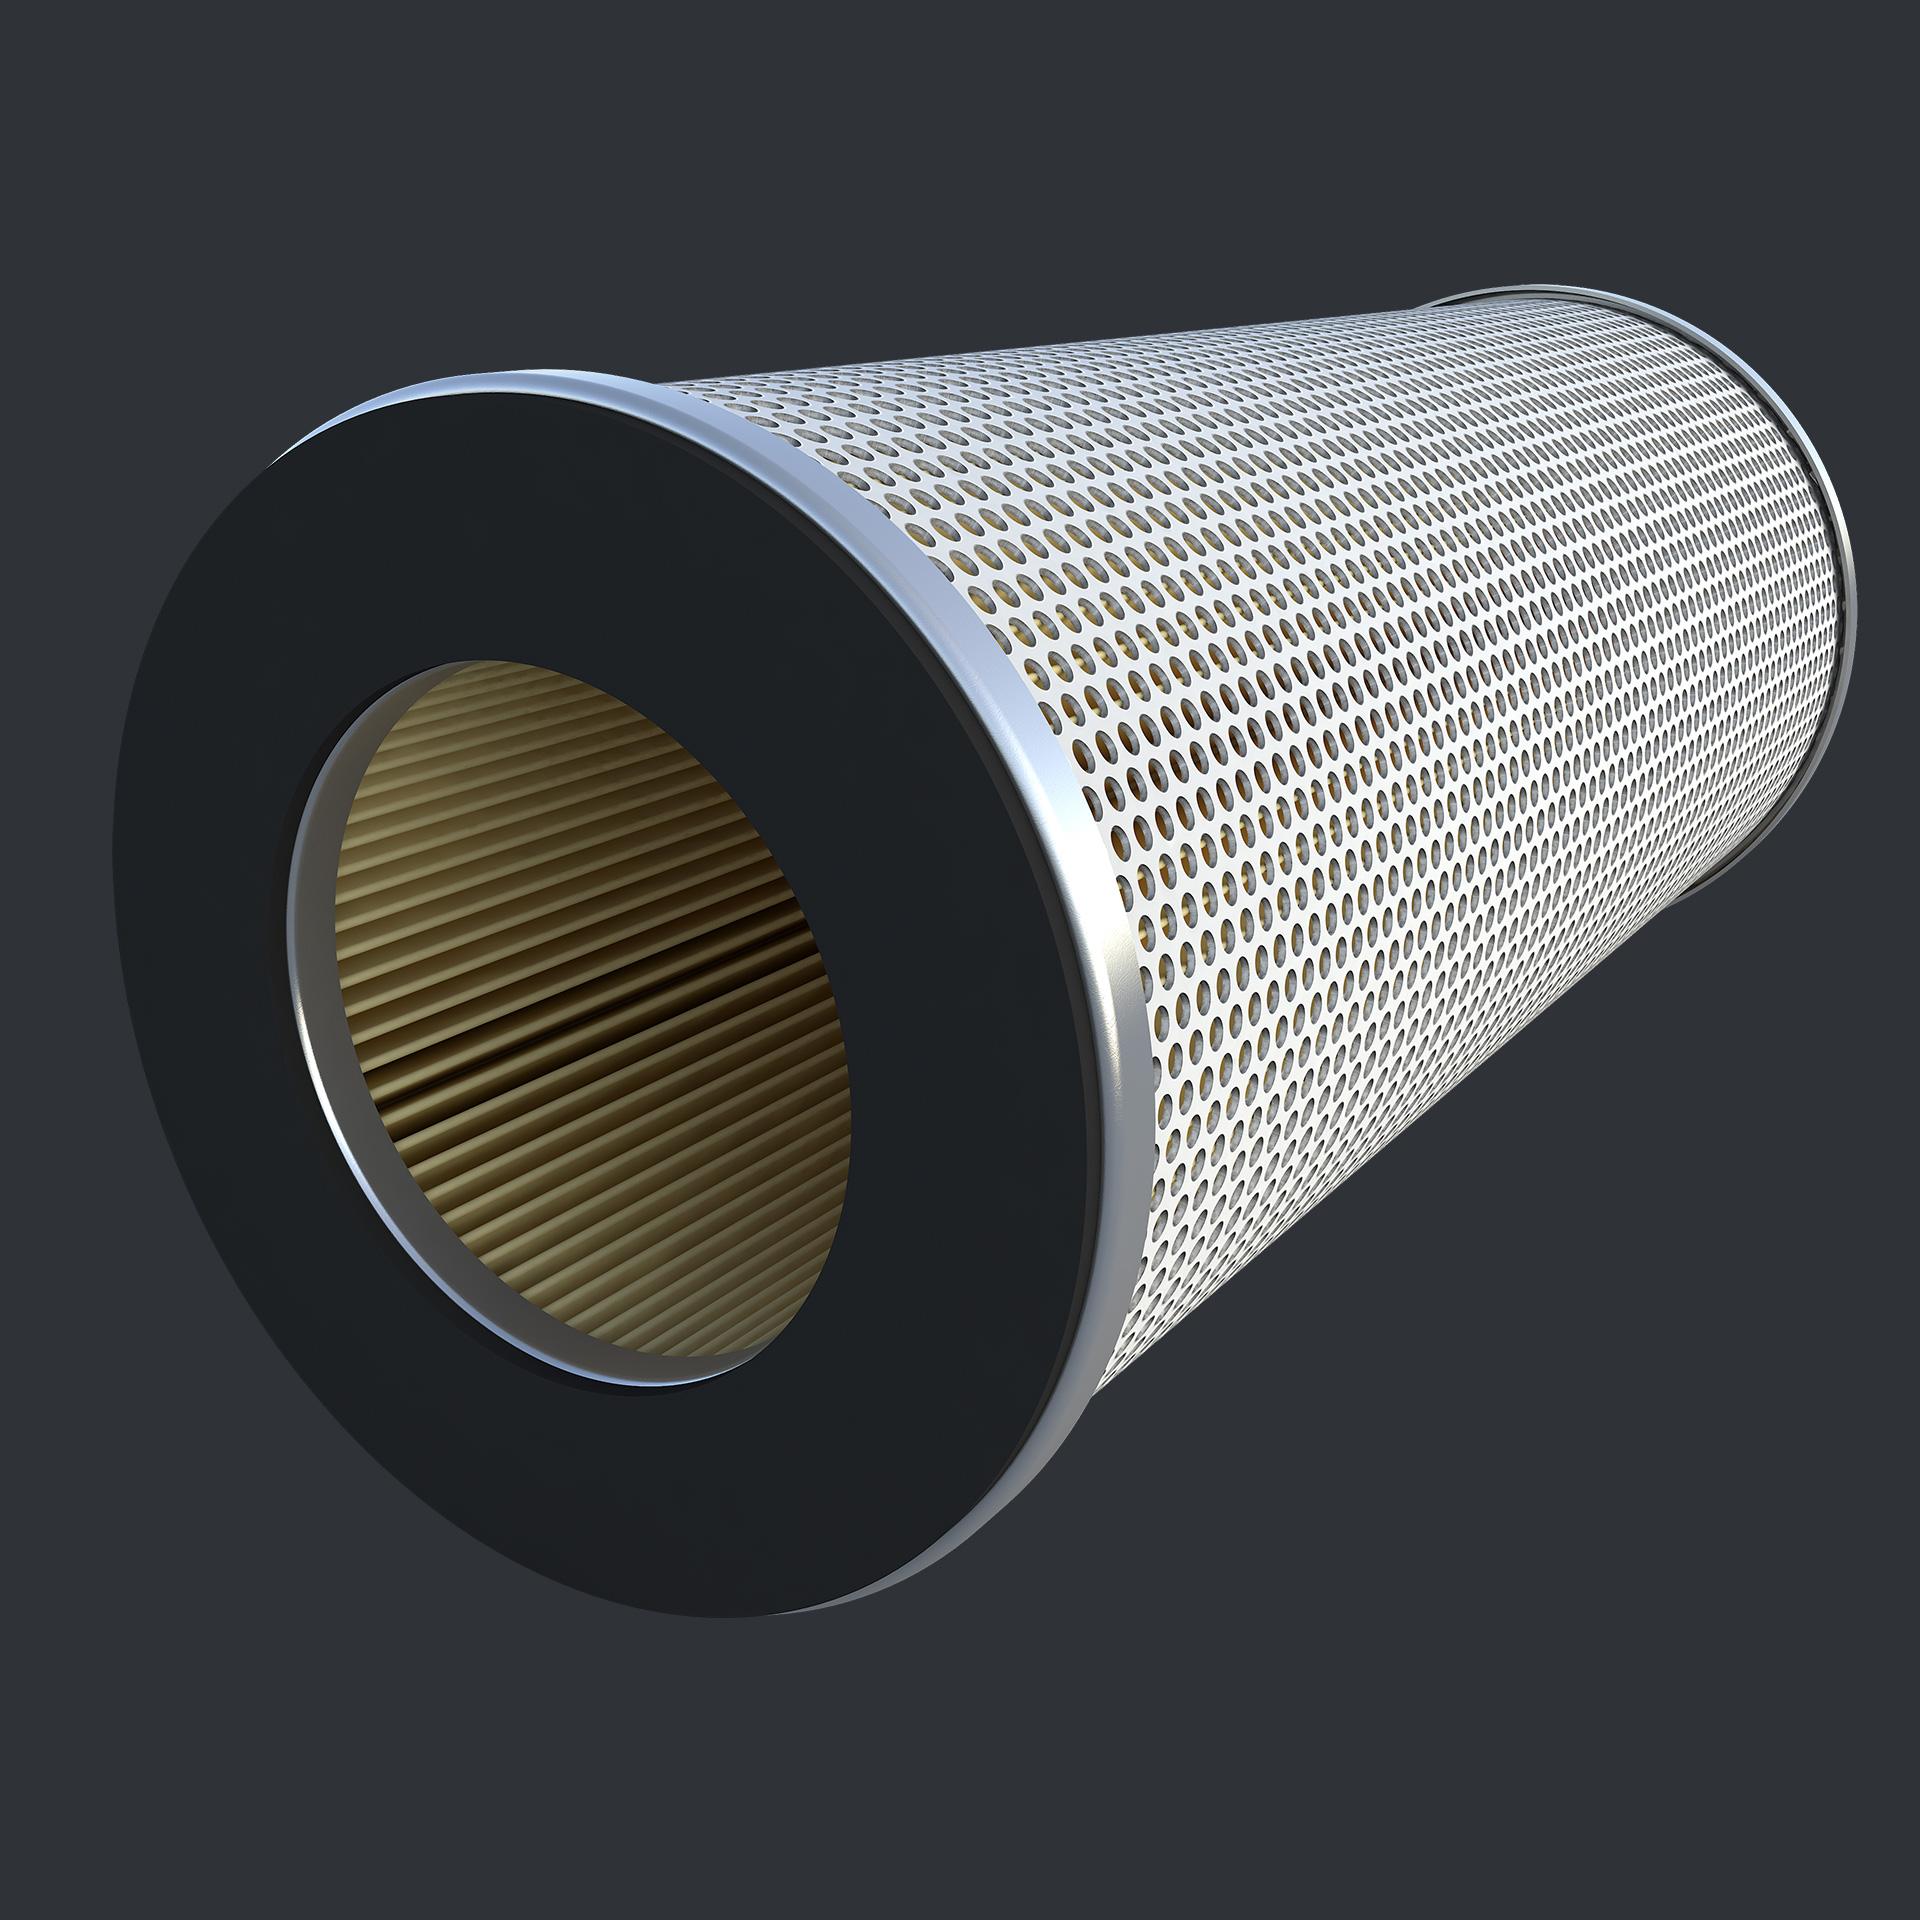 3d-визуализация фильтра для авиационной промышленности